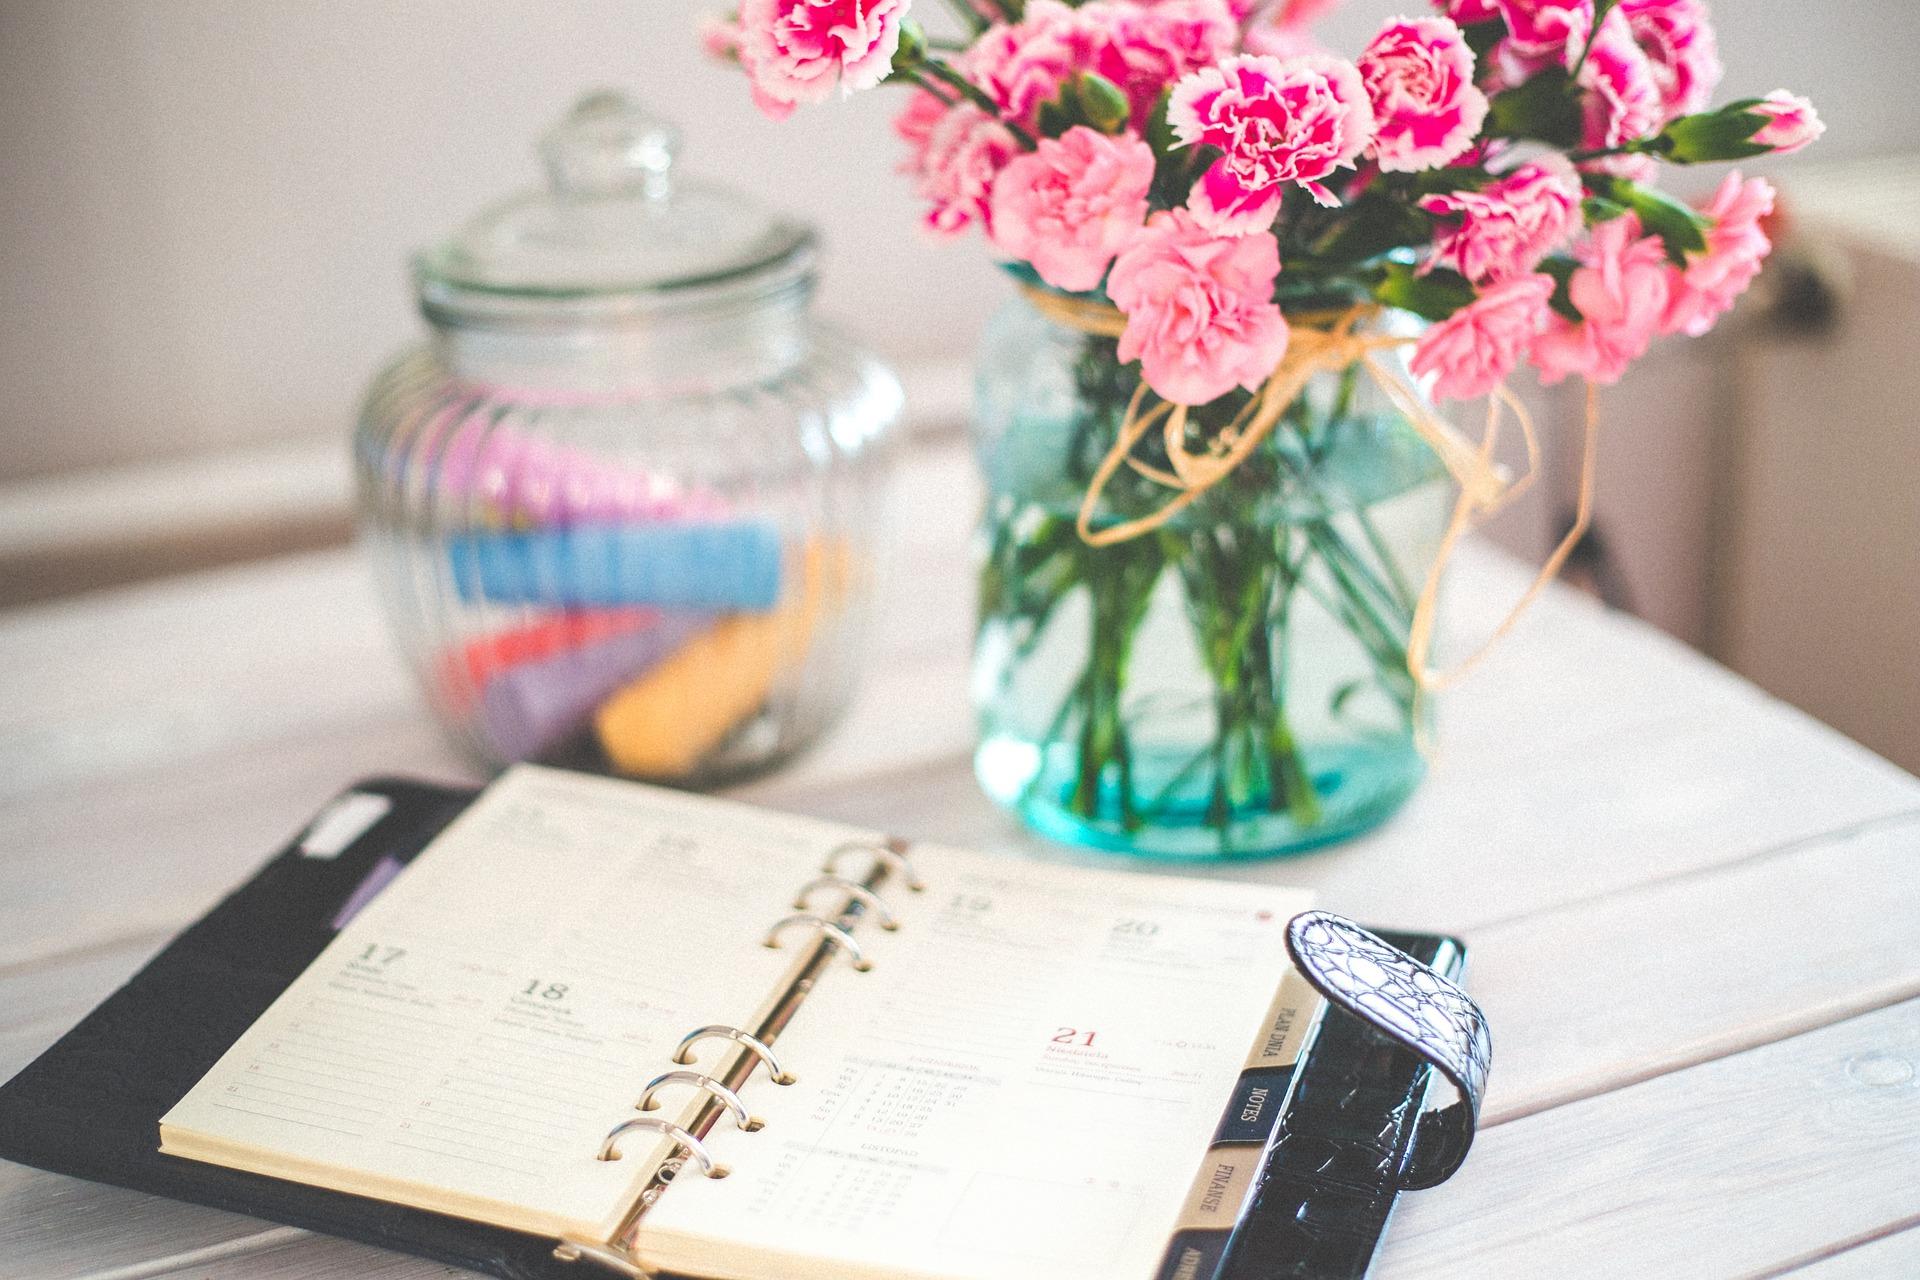 計画を立てる方法やメリットを紹介!苦手な方のおすすめアプリや本もチェック!